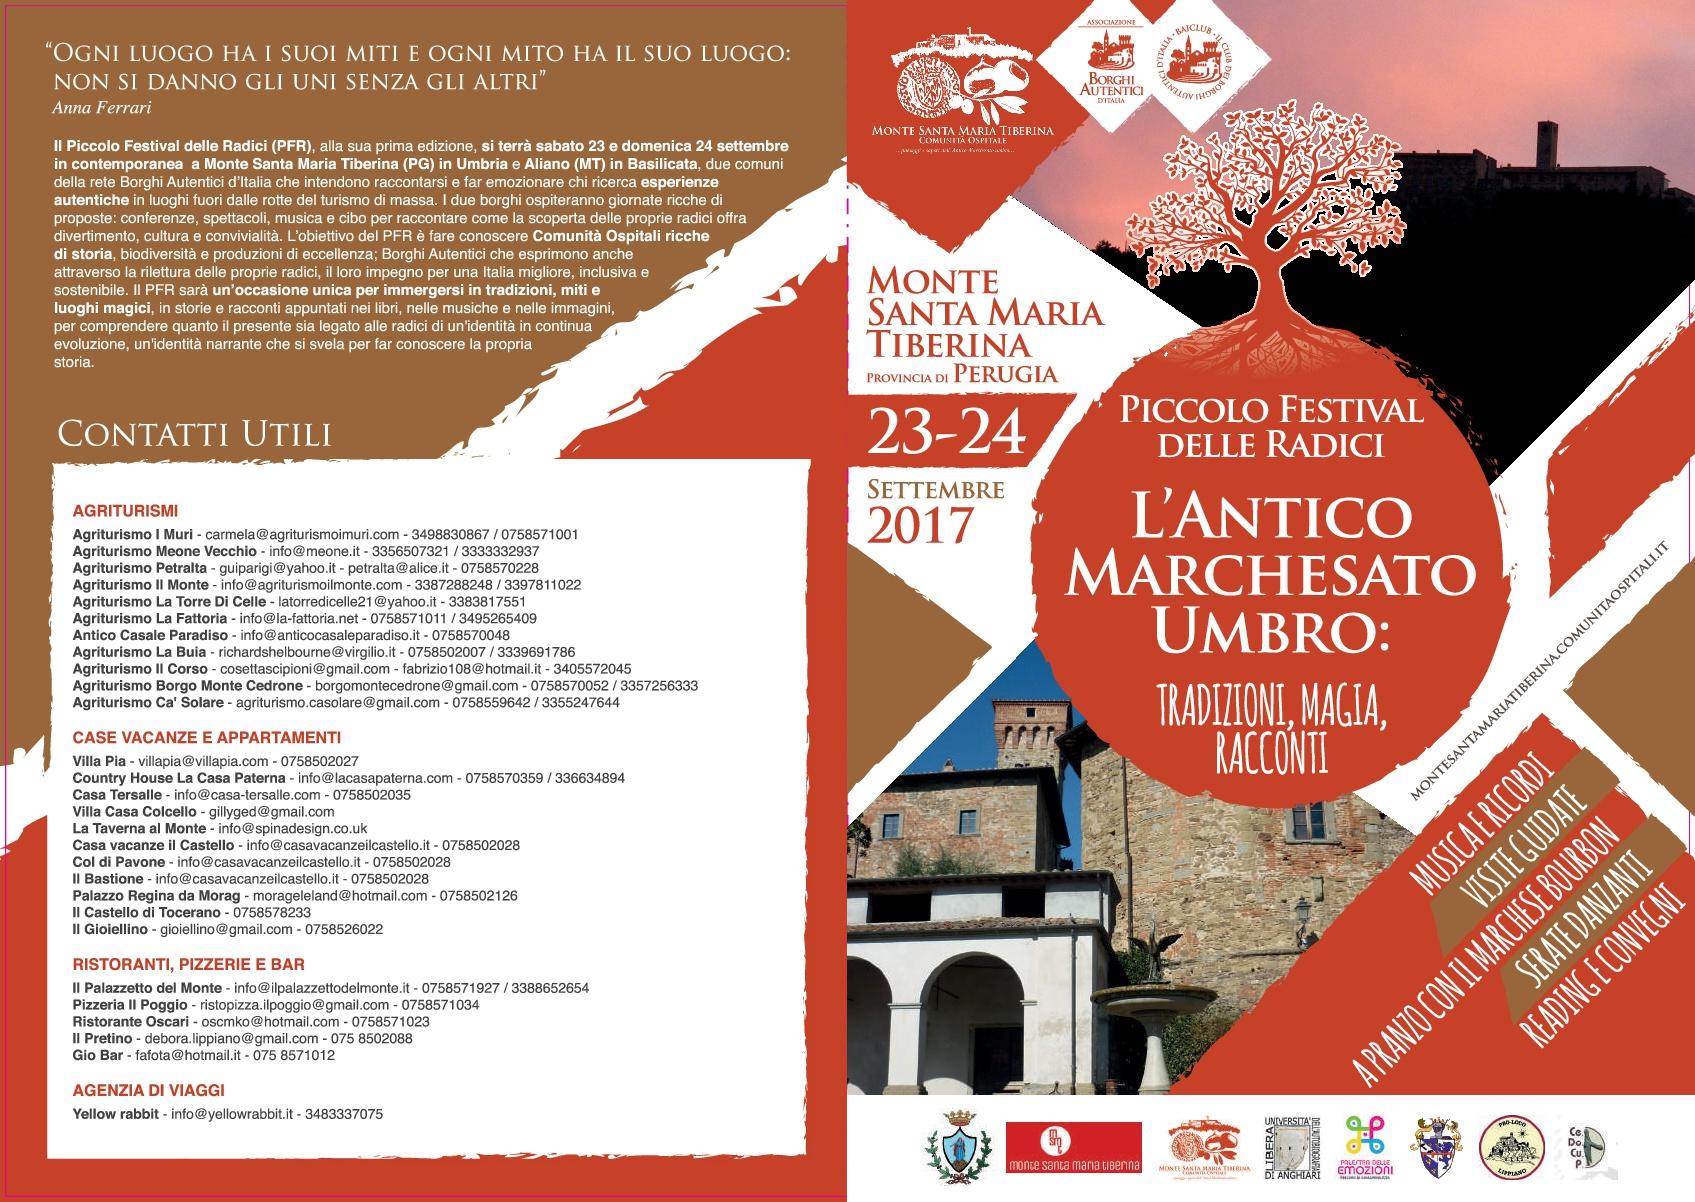 Piccolo Festival delle Radici 2017 Monte Santa Maria Tiberina